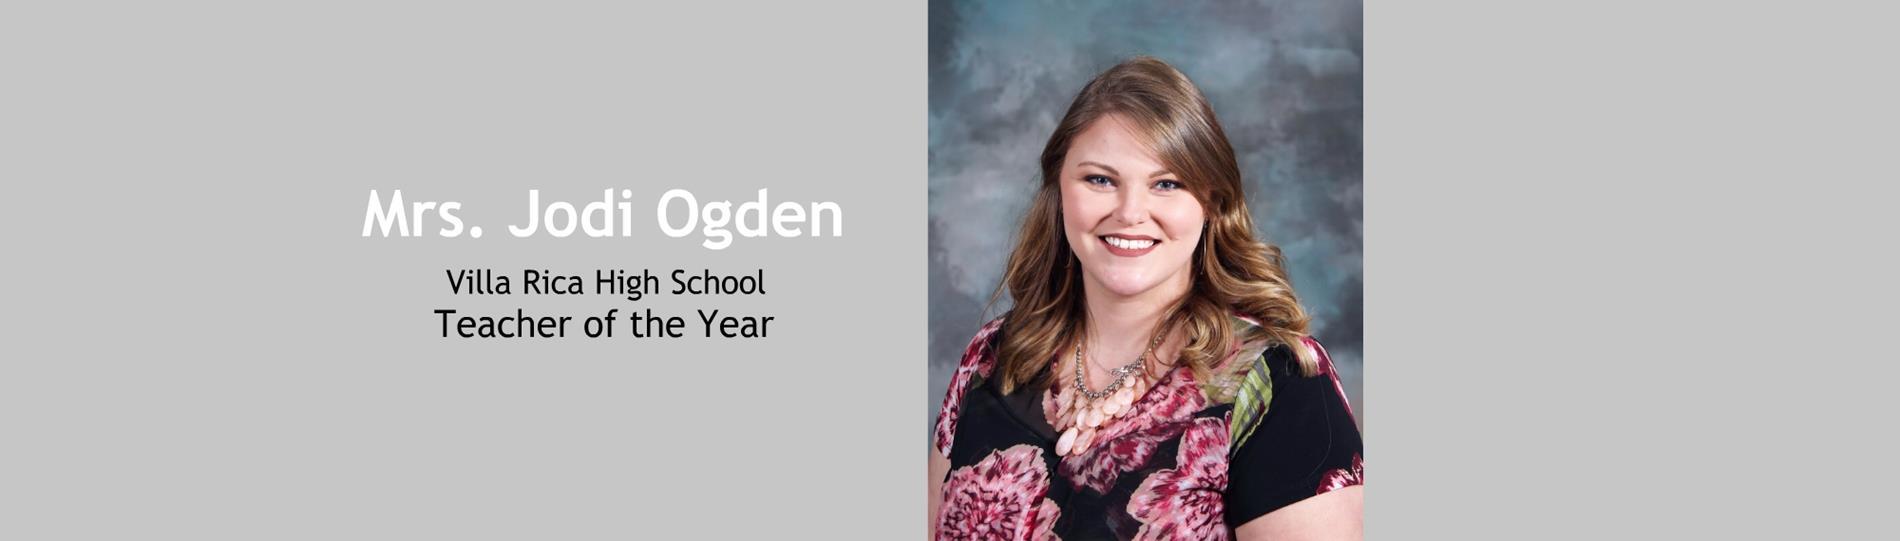 Mrs. Ogden - Teacher of the Year